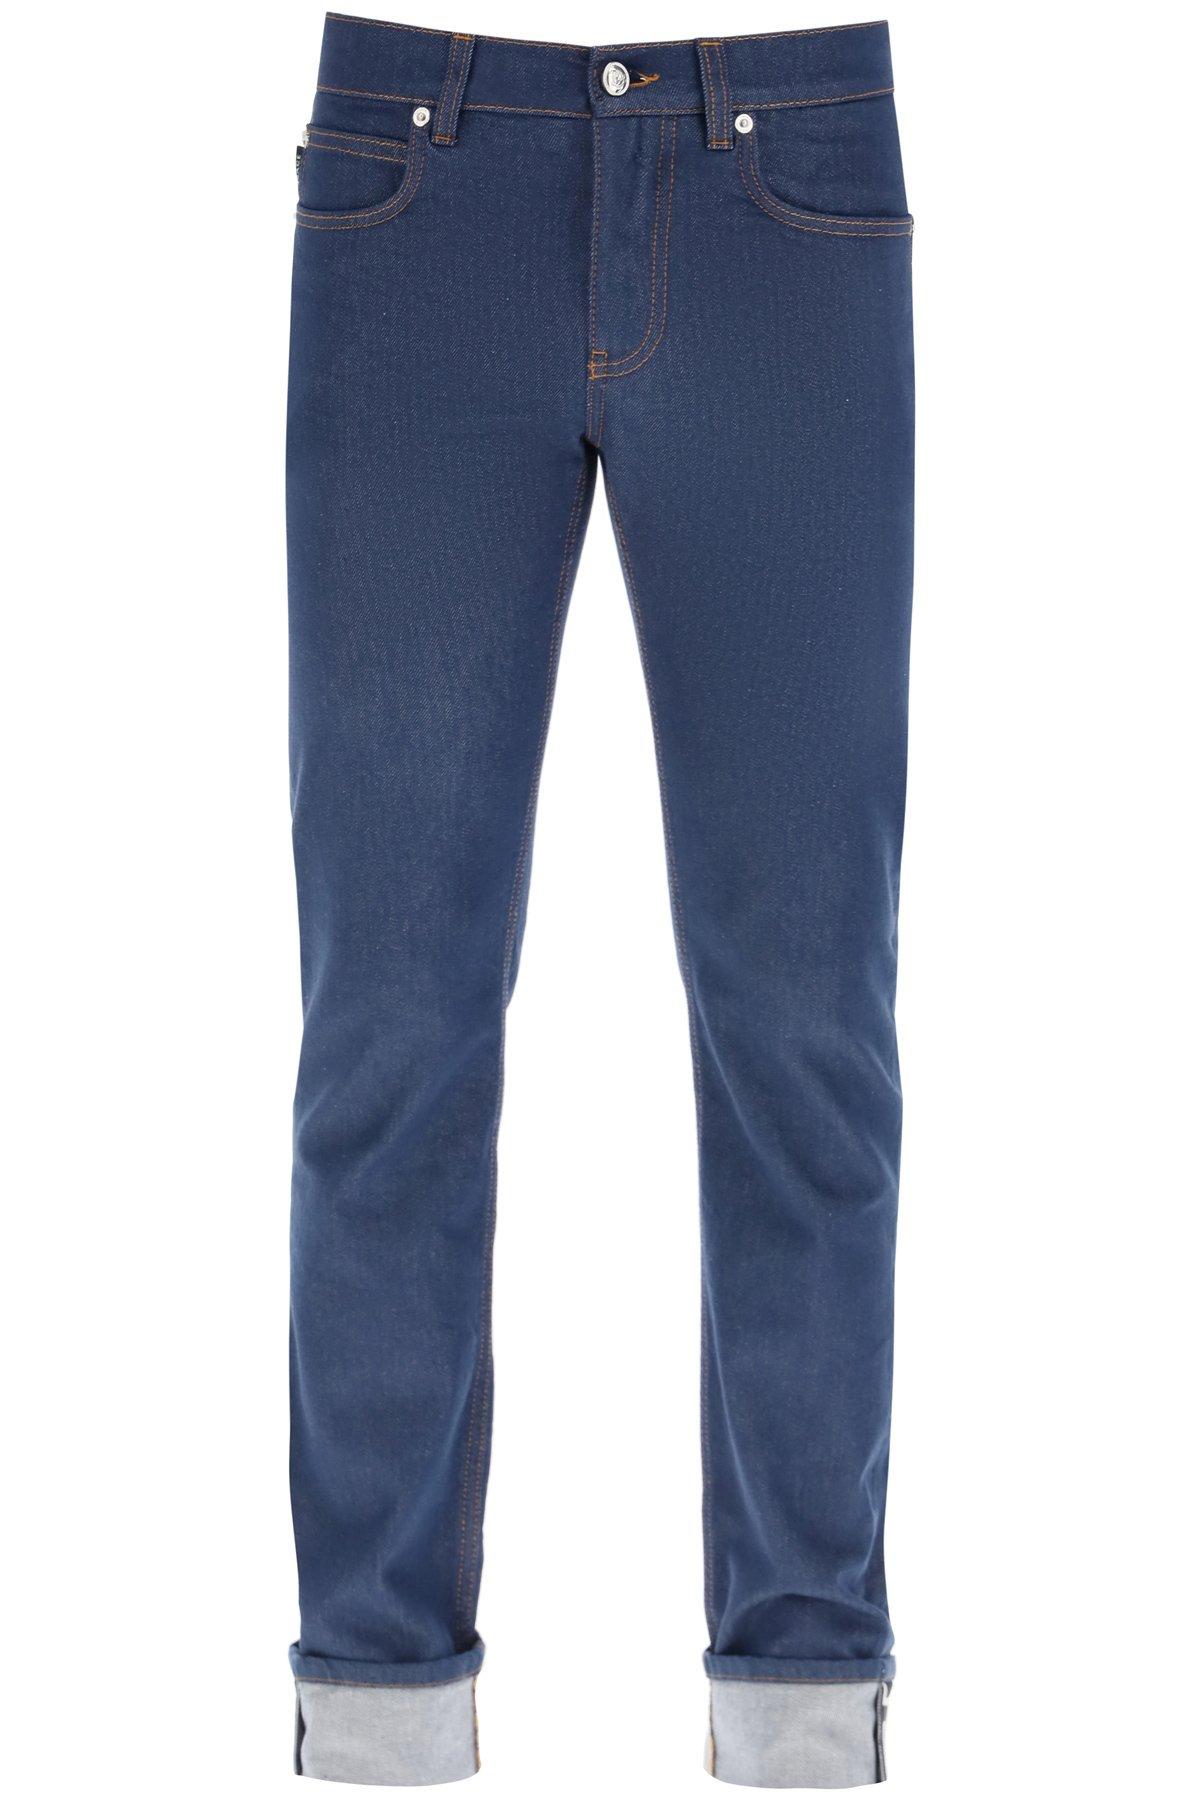 Versace jeans taylor fit con greca